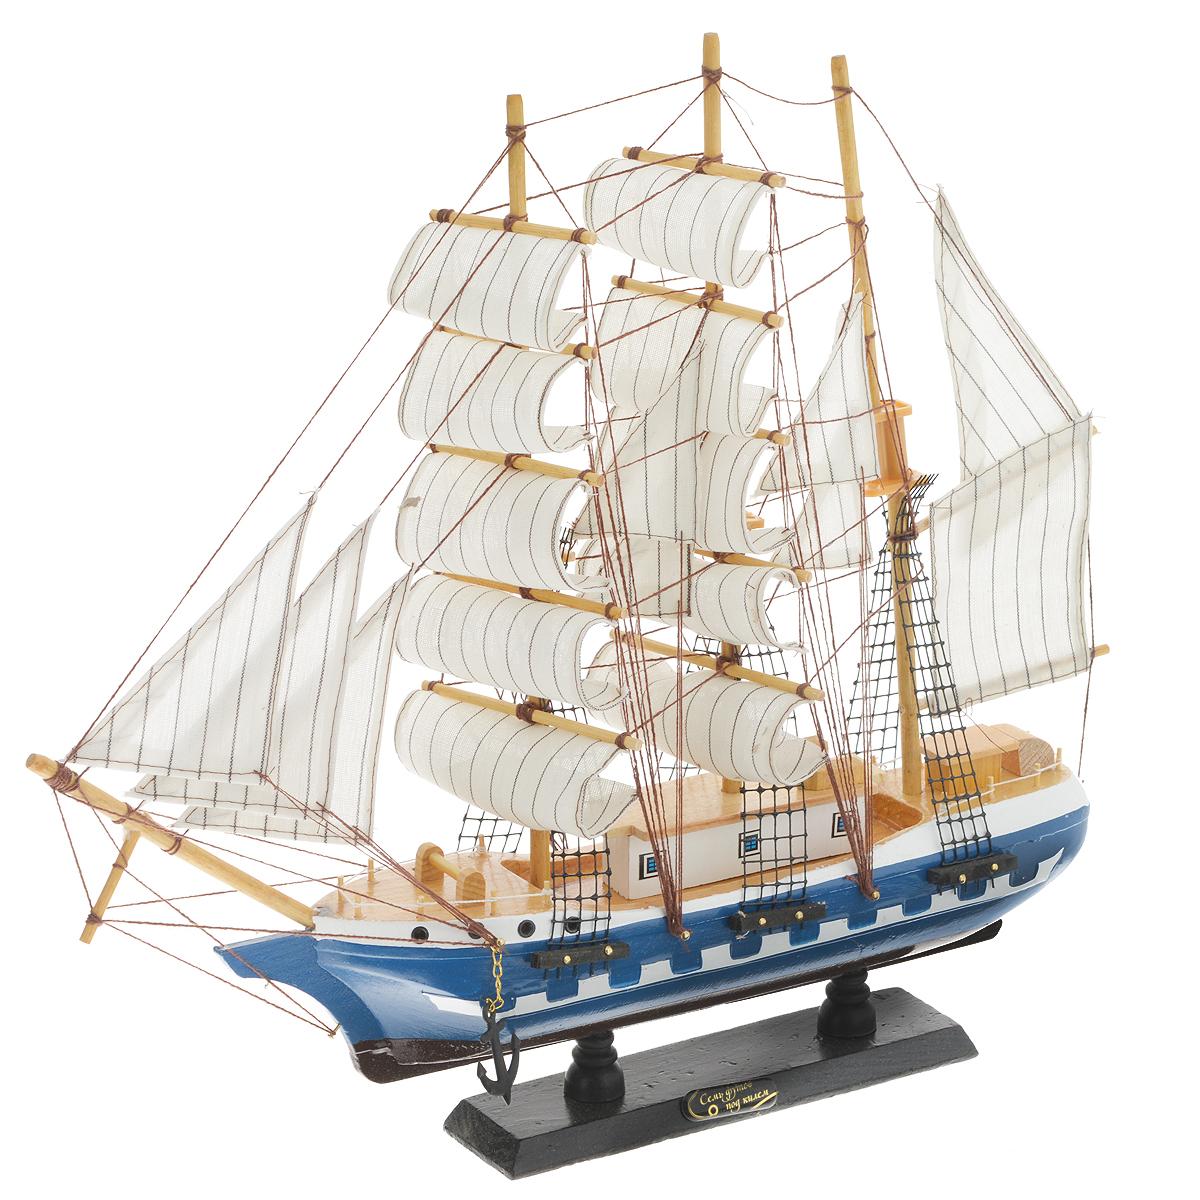 Корабль сувенирный Семь футов под килем, длина 45 смRG-D31SСувенирный корабль Семь футов под килем, изготовленный из дерева и текстиля, это великолепный элемент декора рабочей зоны в офисе или кабинете. Корабль с парусами и якорями помещен на деревянную подставку. Время идет, и мы становимся свидетелями развития технического прогресса, новых учений и практик. Но одно не подвластно времени - это любовь человека к морю и кораблям. Сувенирный корабль наполнен историей и силой океанских вод. Данная модель кораблика станет отличным подарком для всех любителей морей, поклонников историй о покорении океанов и неизведанных земель. Модель корабля - подарок со смыслом. Издавна на Руси считалось, что корабли приносят удачу и везение. Поэтому их изображения, фигурки и точные копии всегда присутствовали в помещениях. Удивите себя и своих близких необычным презентом.